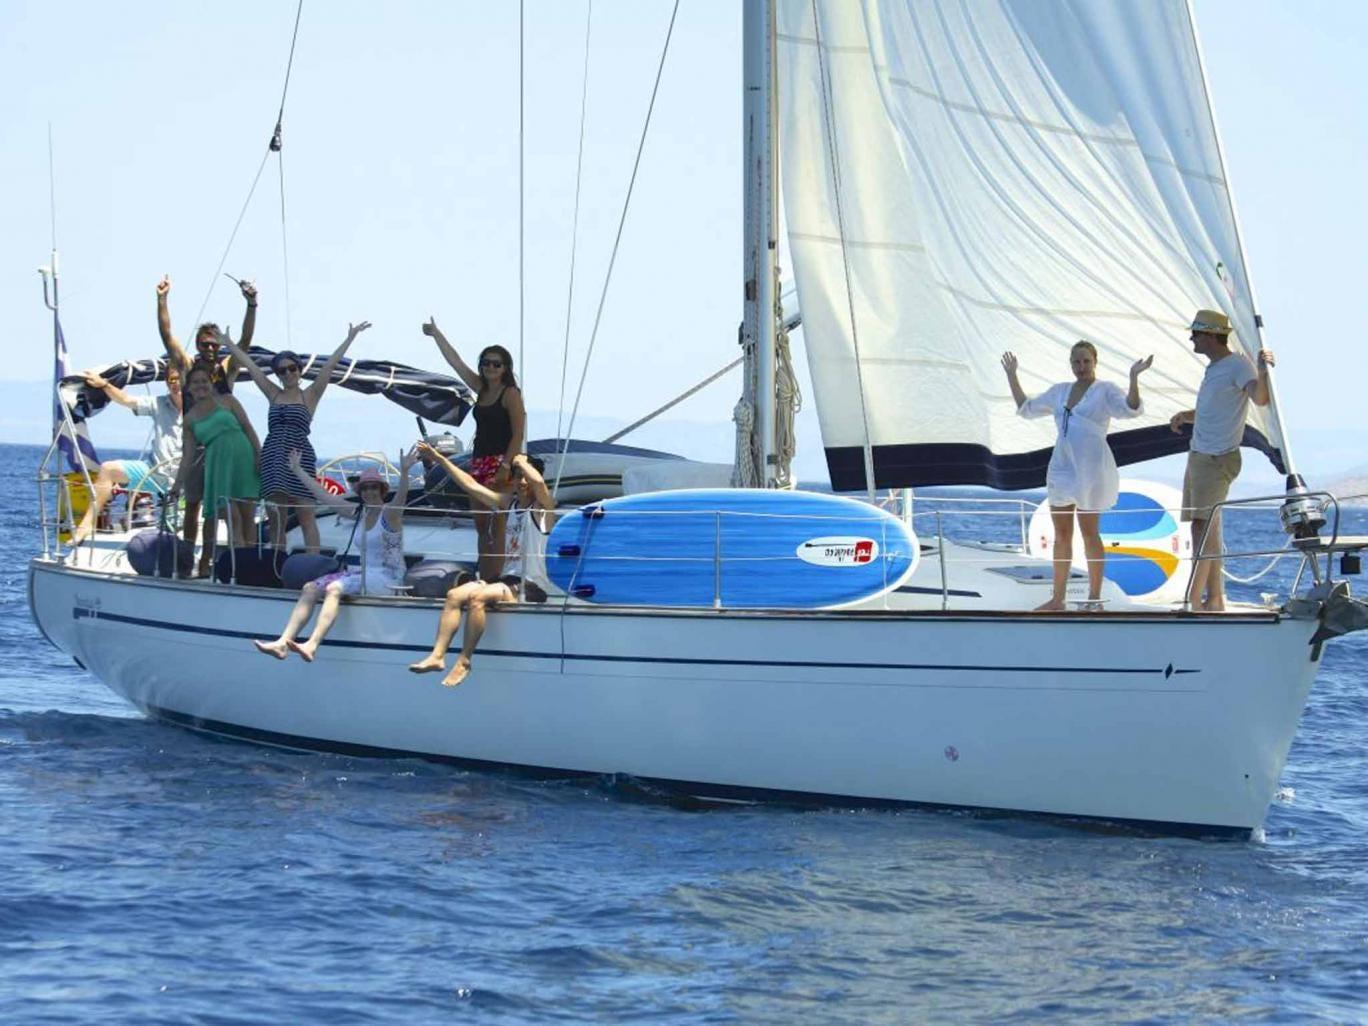 All aboard: a MedSailors yacht